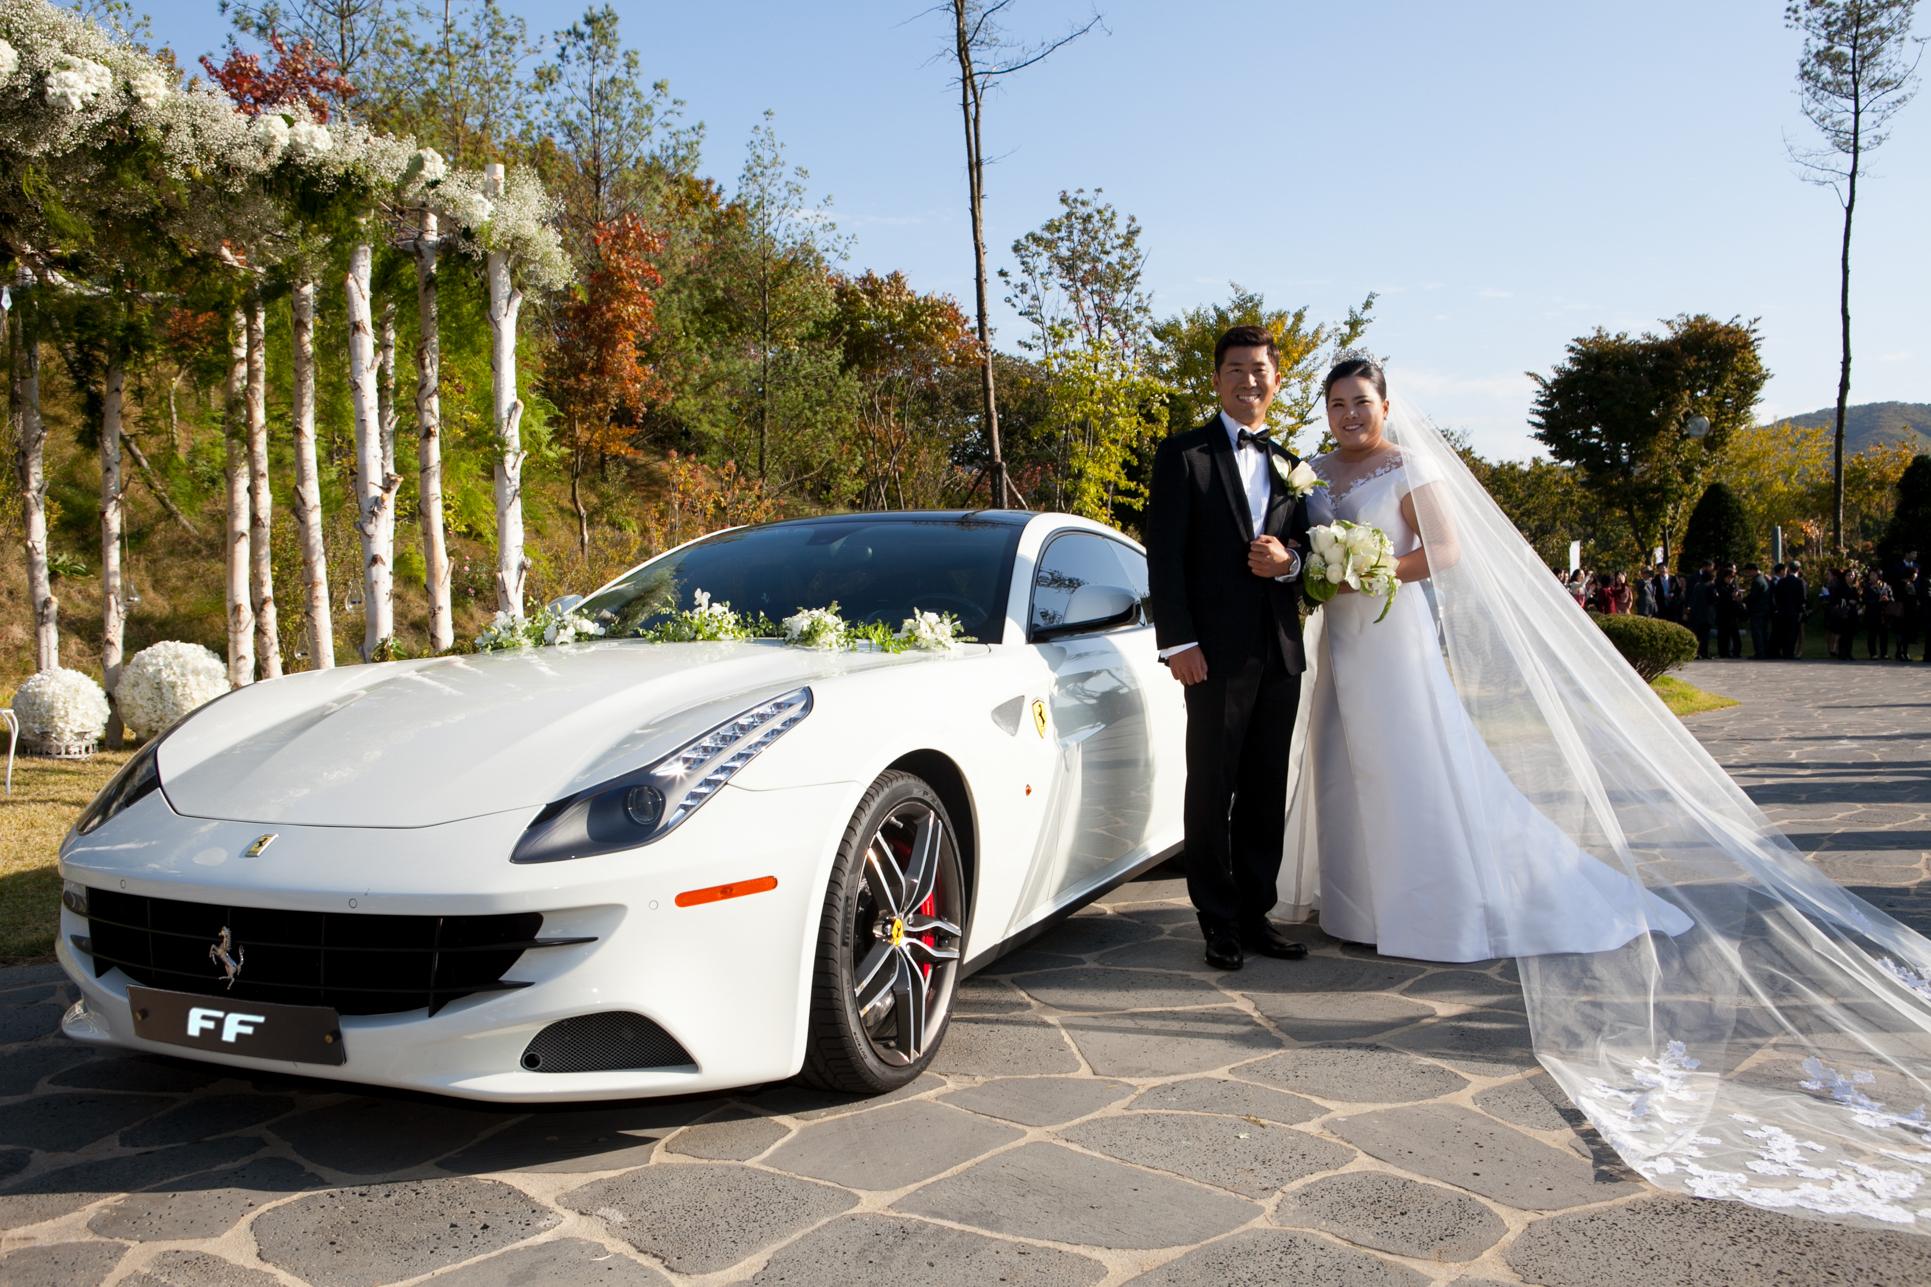 Matrimonio In Ferrari : La campionessa coreana si sposa in ferrari motorinolimits